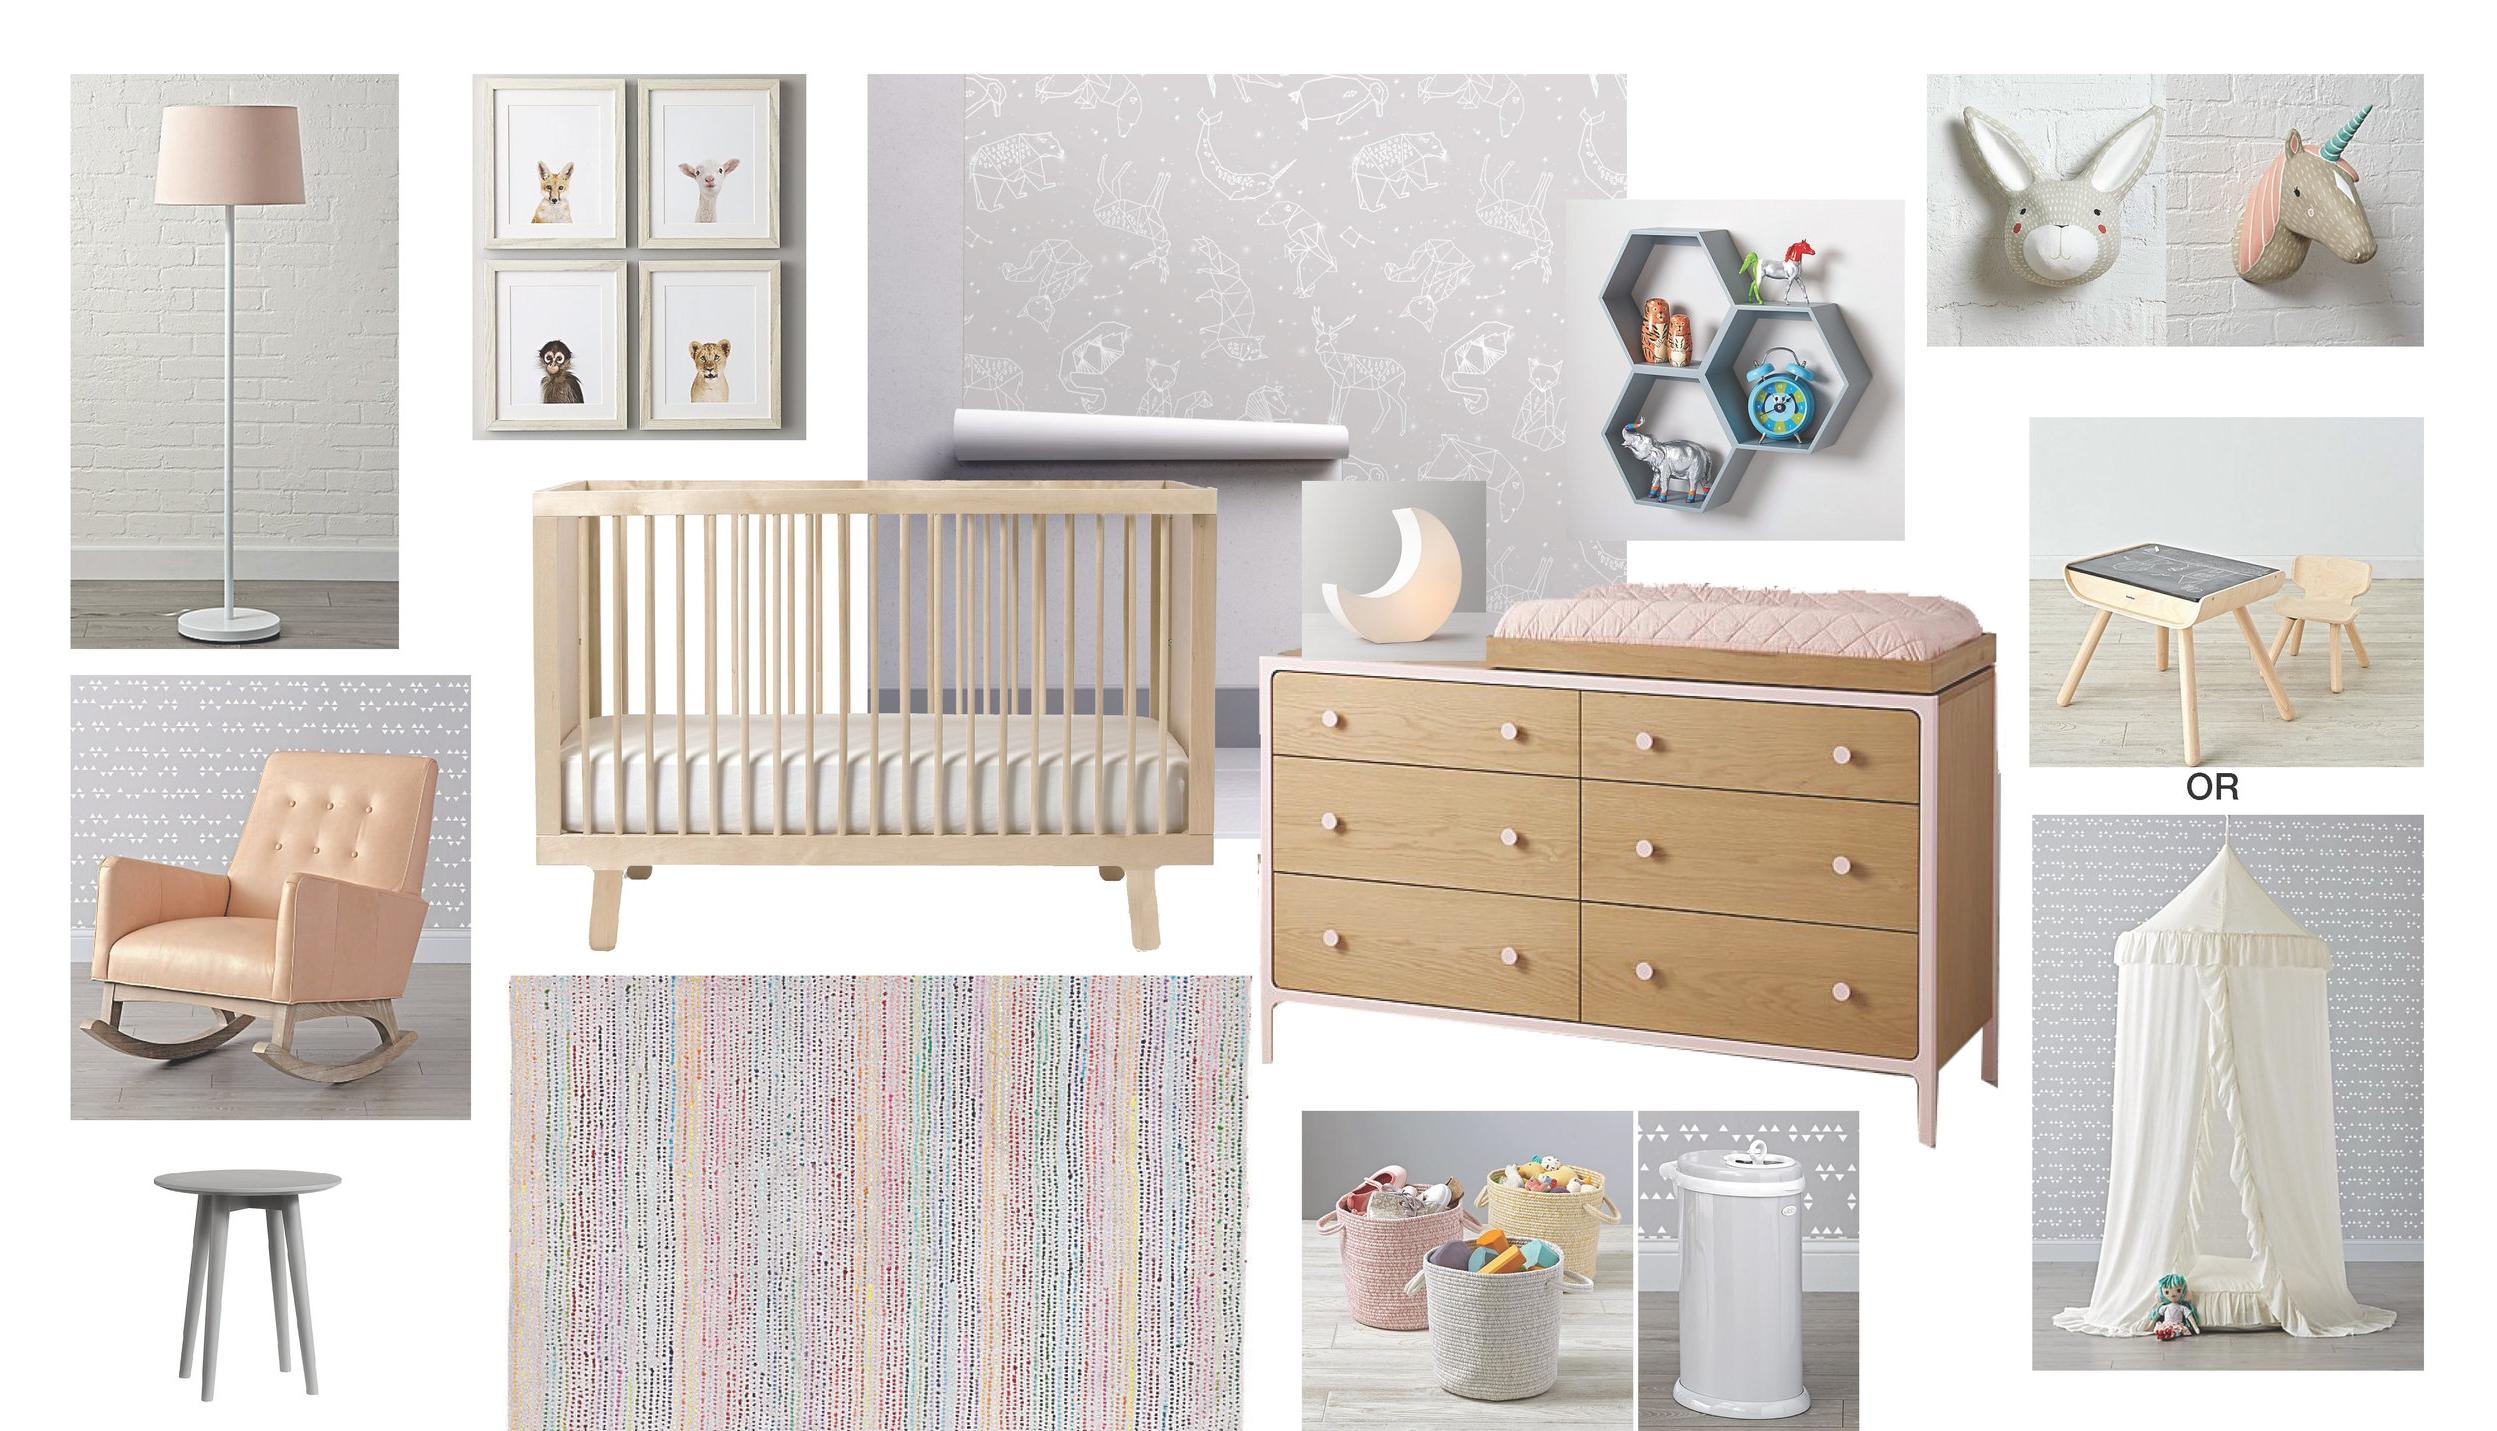 Nursery FF&E Board 1   Blush and Grey